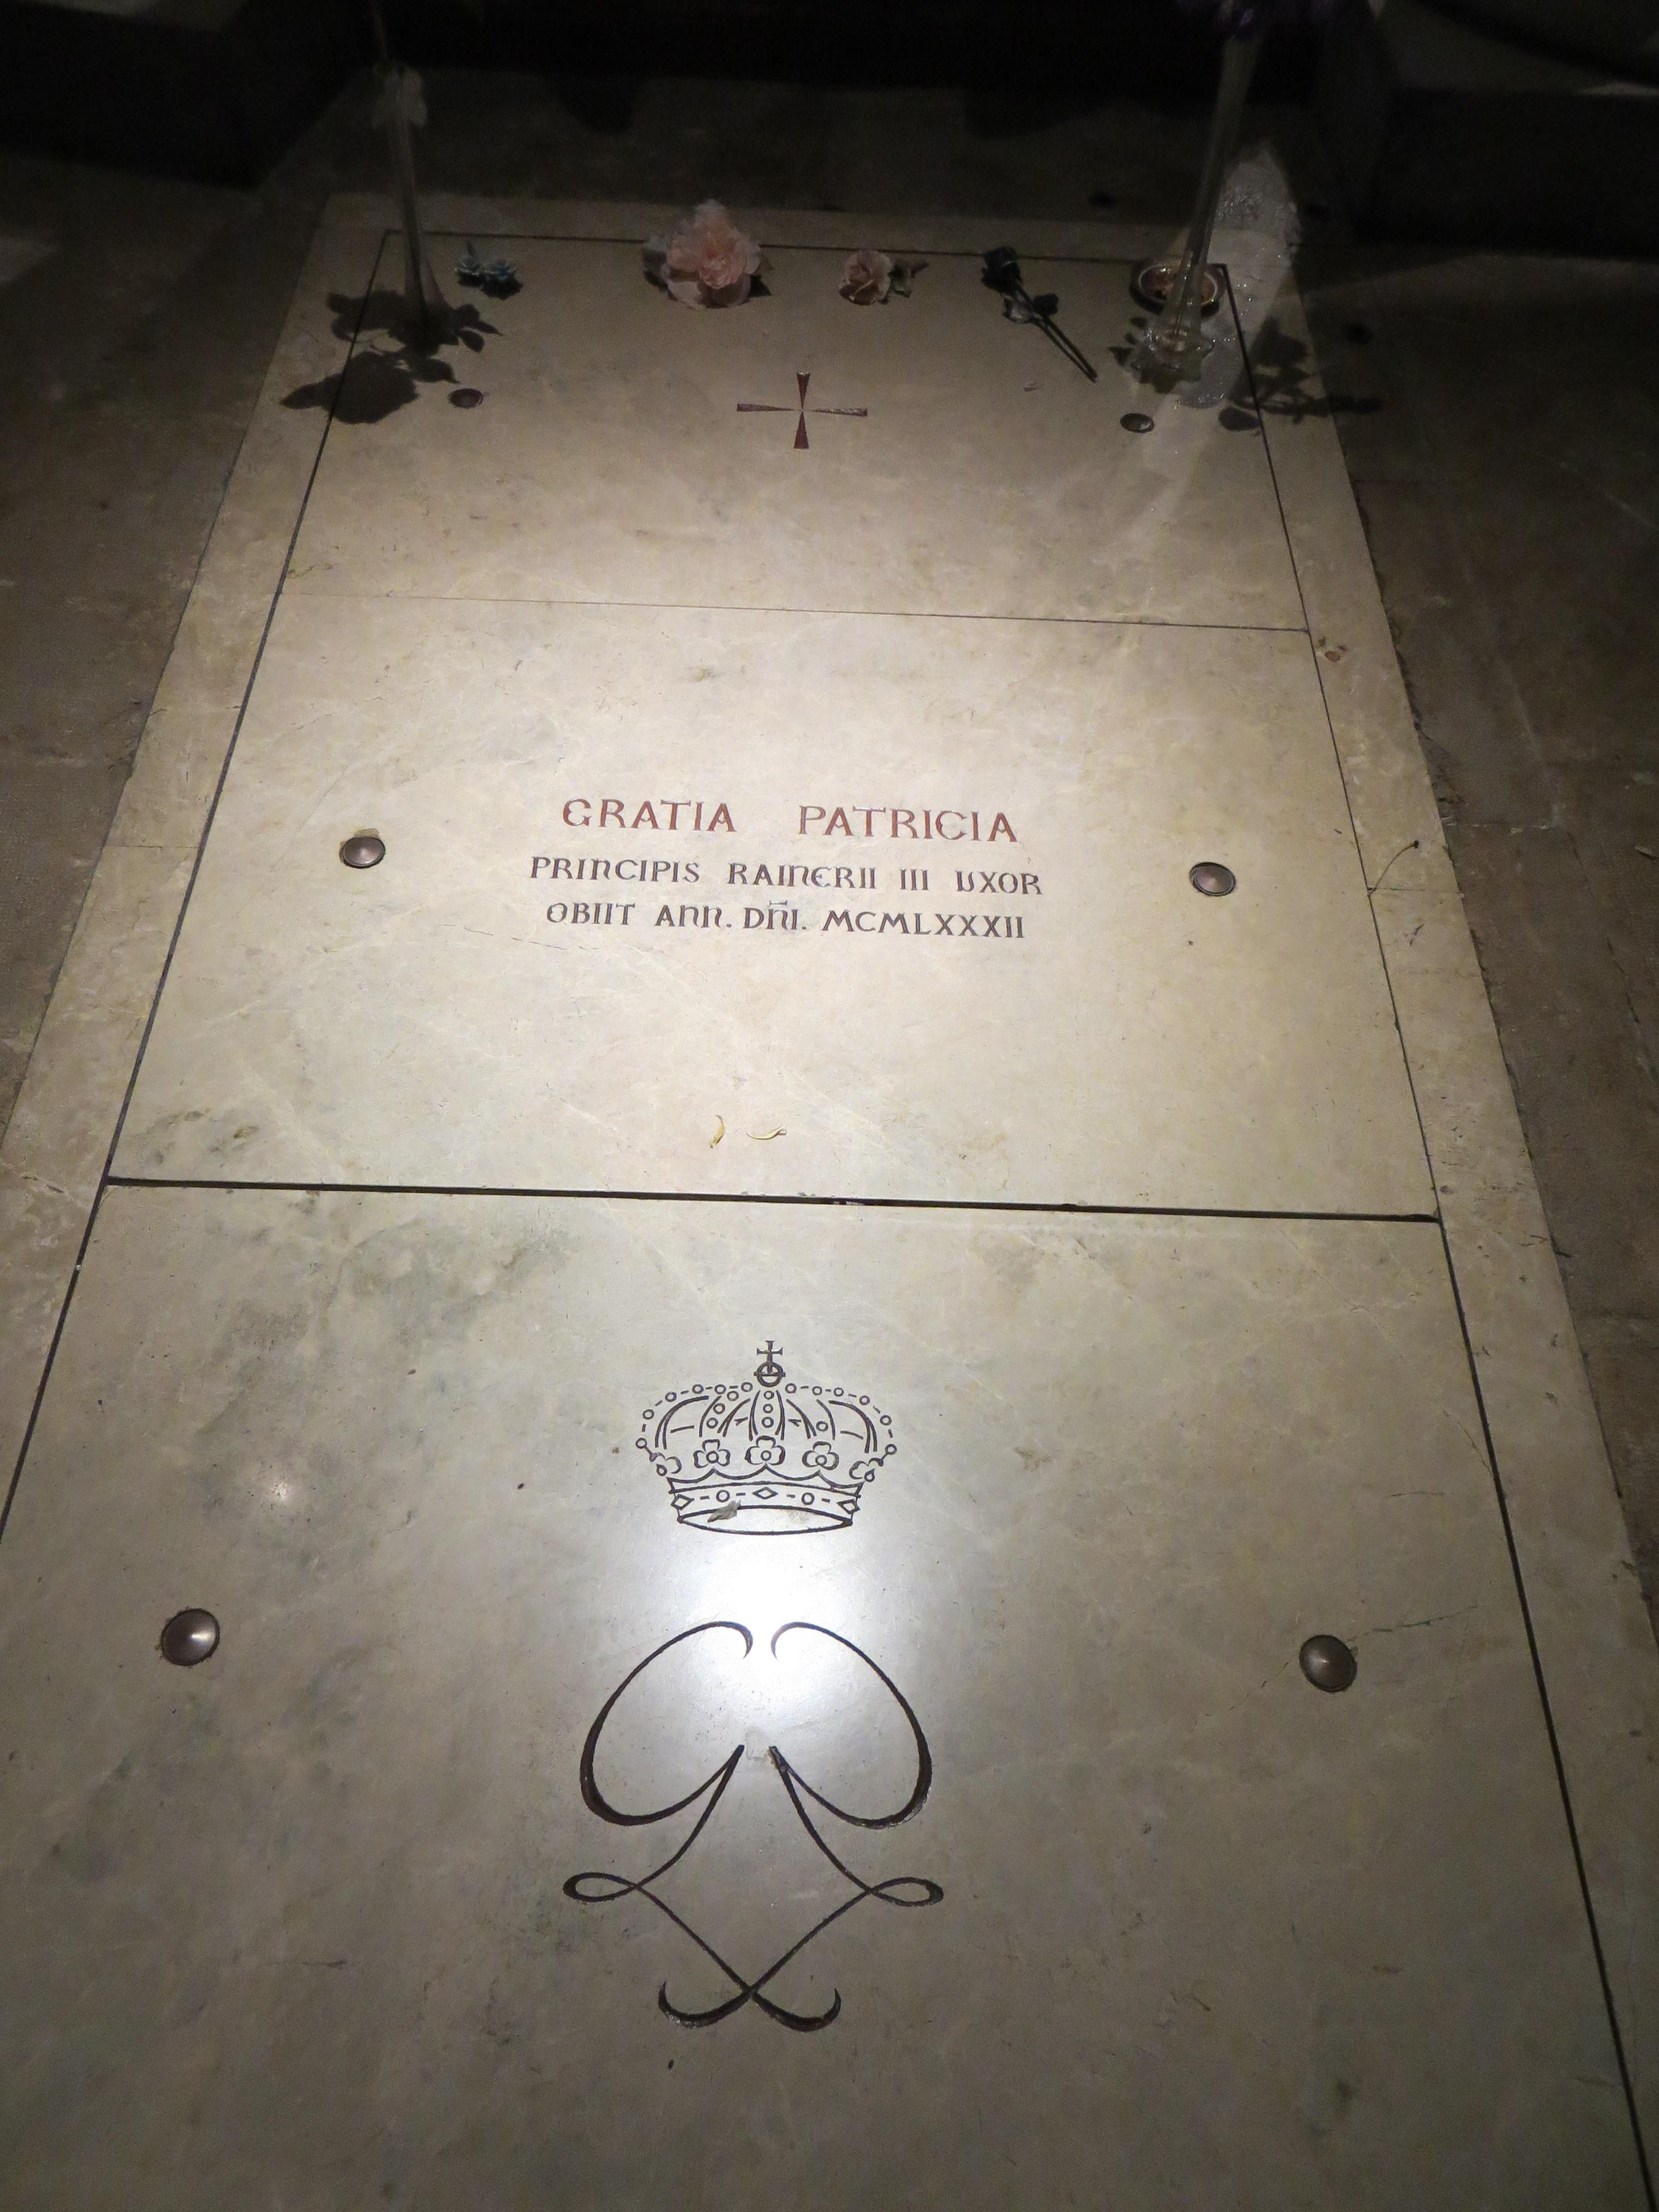 2012 Monaco Princess Grace grave